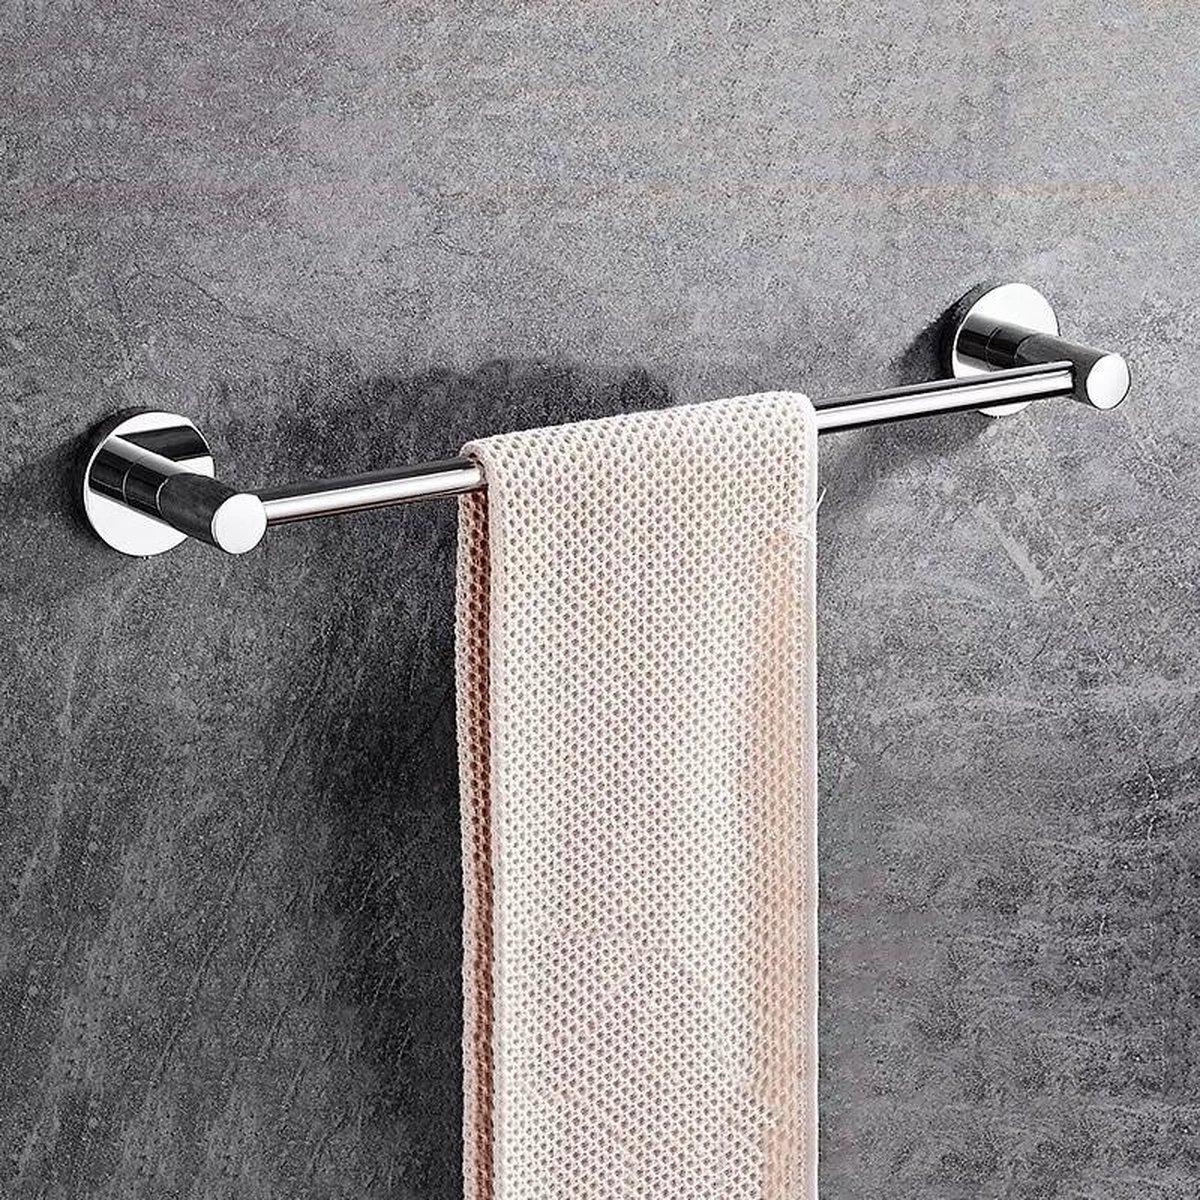 Handdoekrek Zwart Badkamer Handdoekhouder Handdoekstang Handdoek Rek - Badkamer Accessoires - 42cm - GENSTO